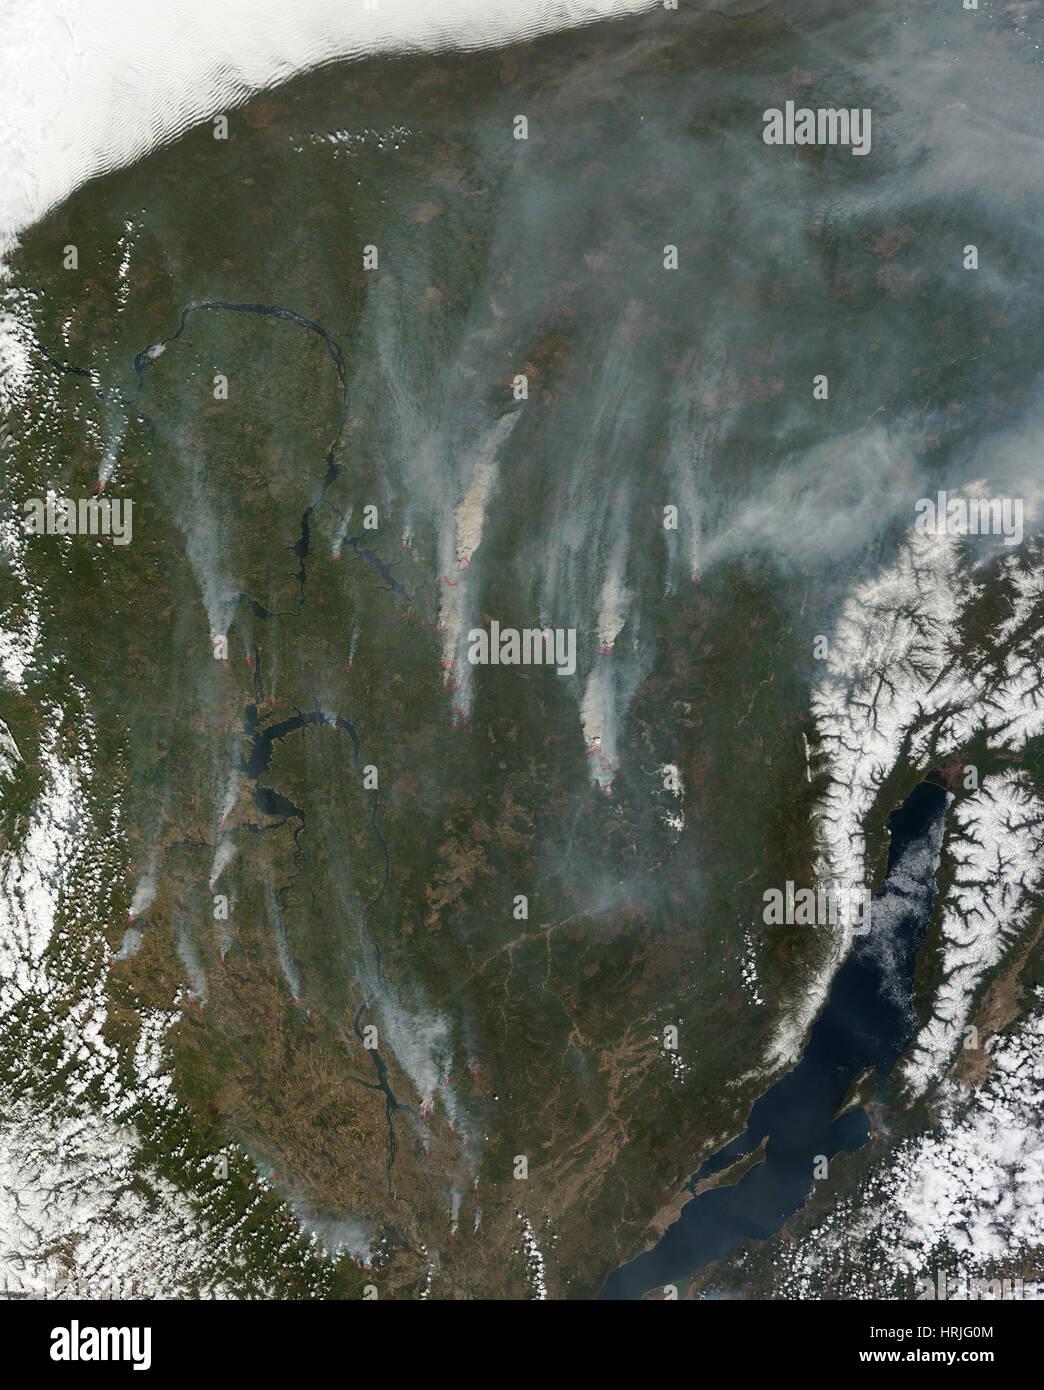 Los incendios forestales, Irkutsk, Rusia, 2014 Imagen De Stock